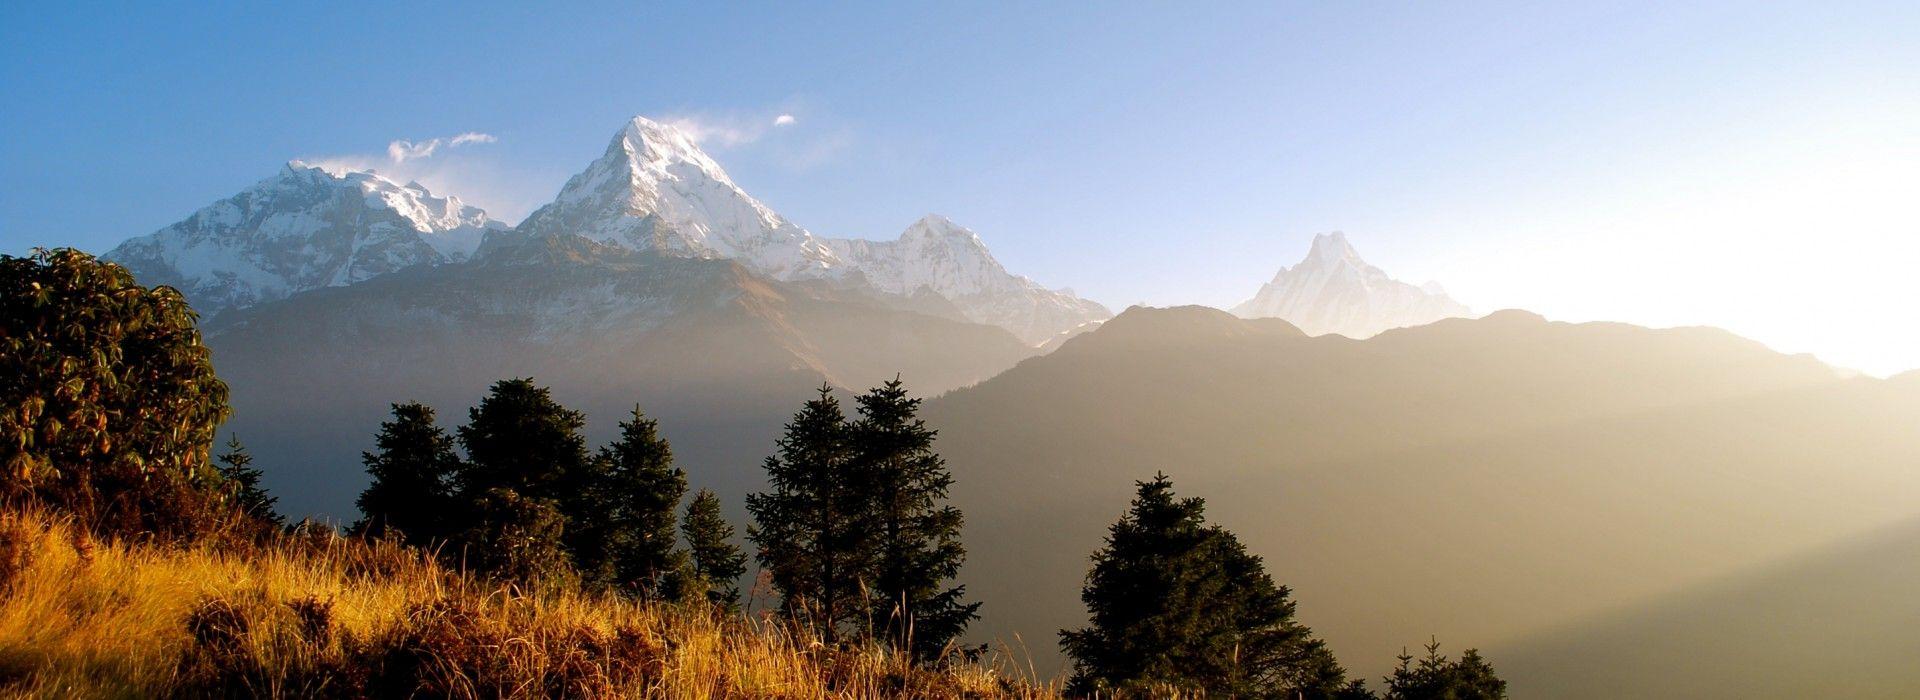 Mountain biking Tours in Kathmandu